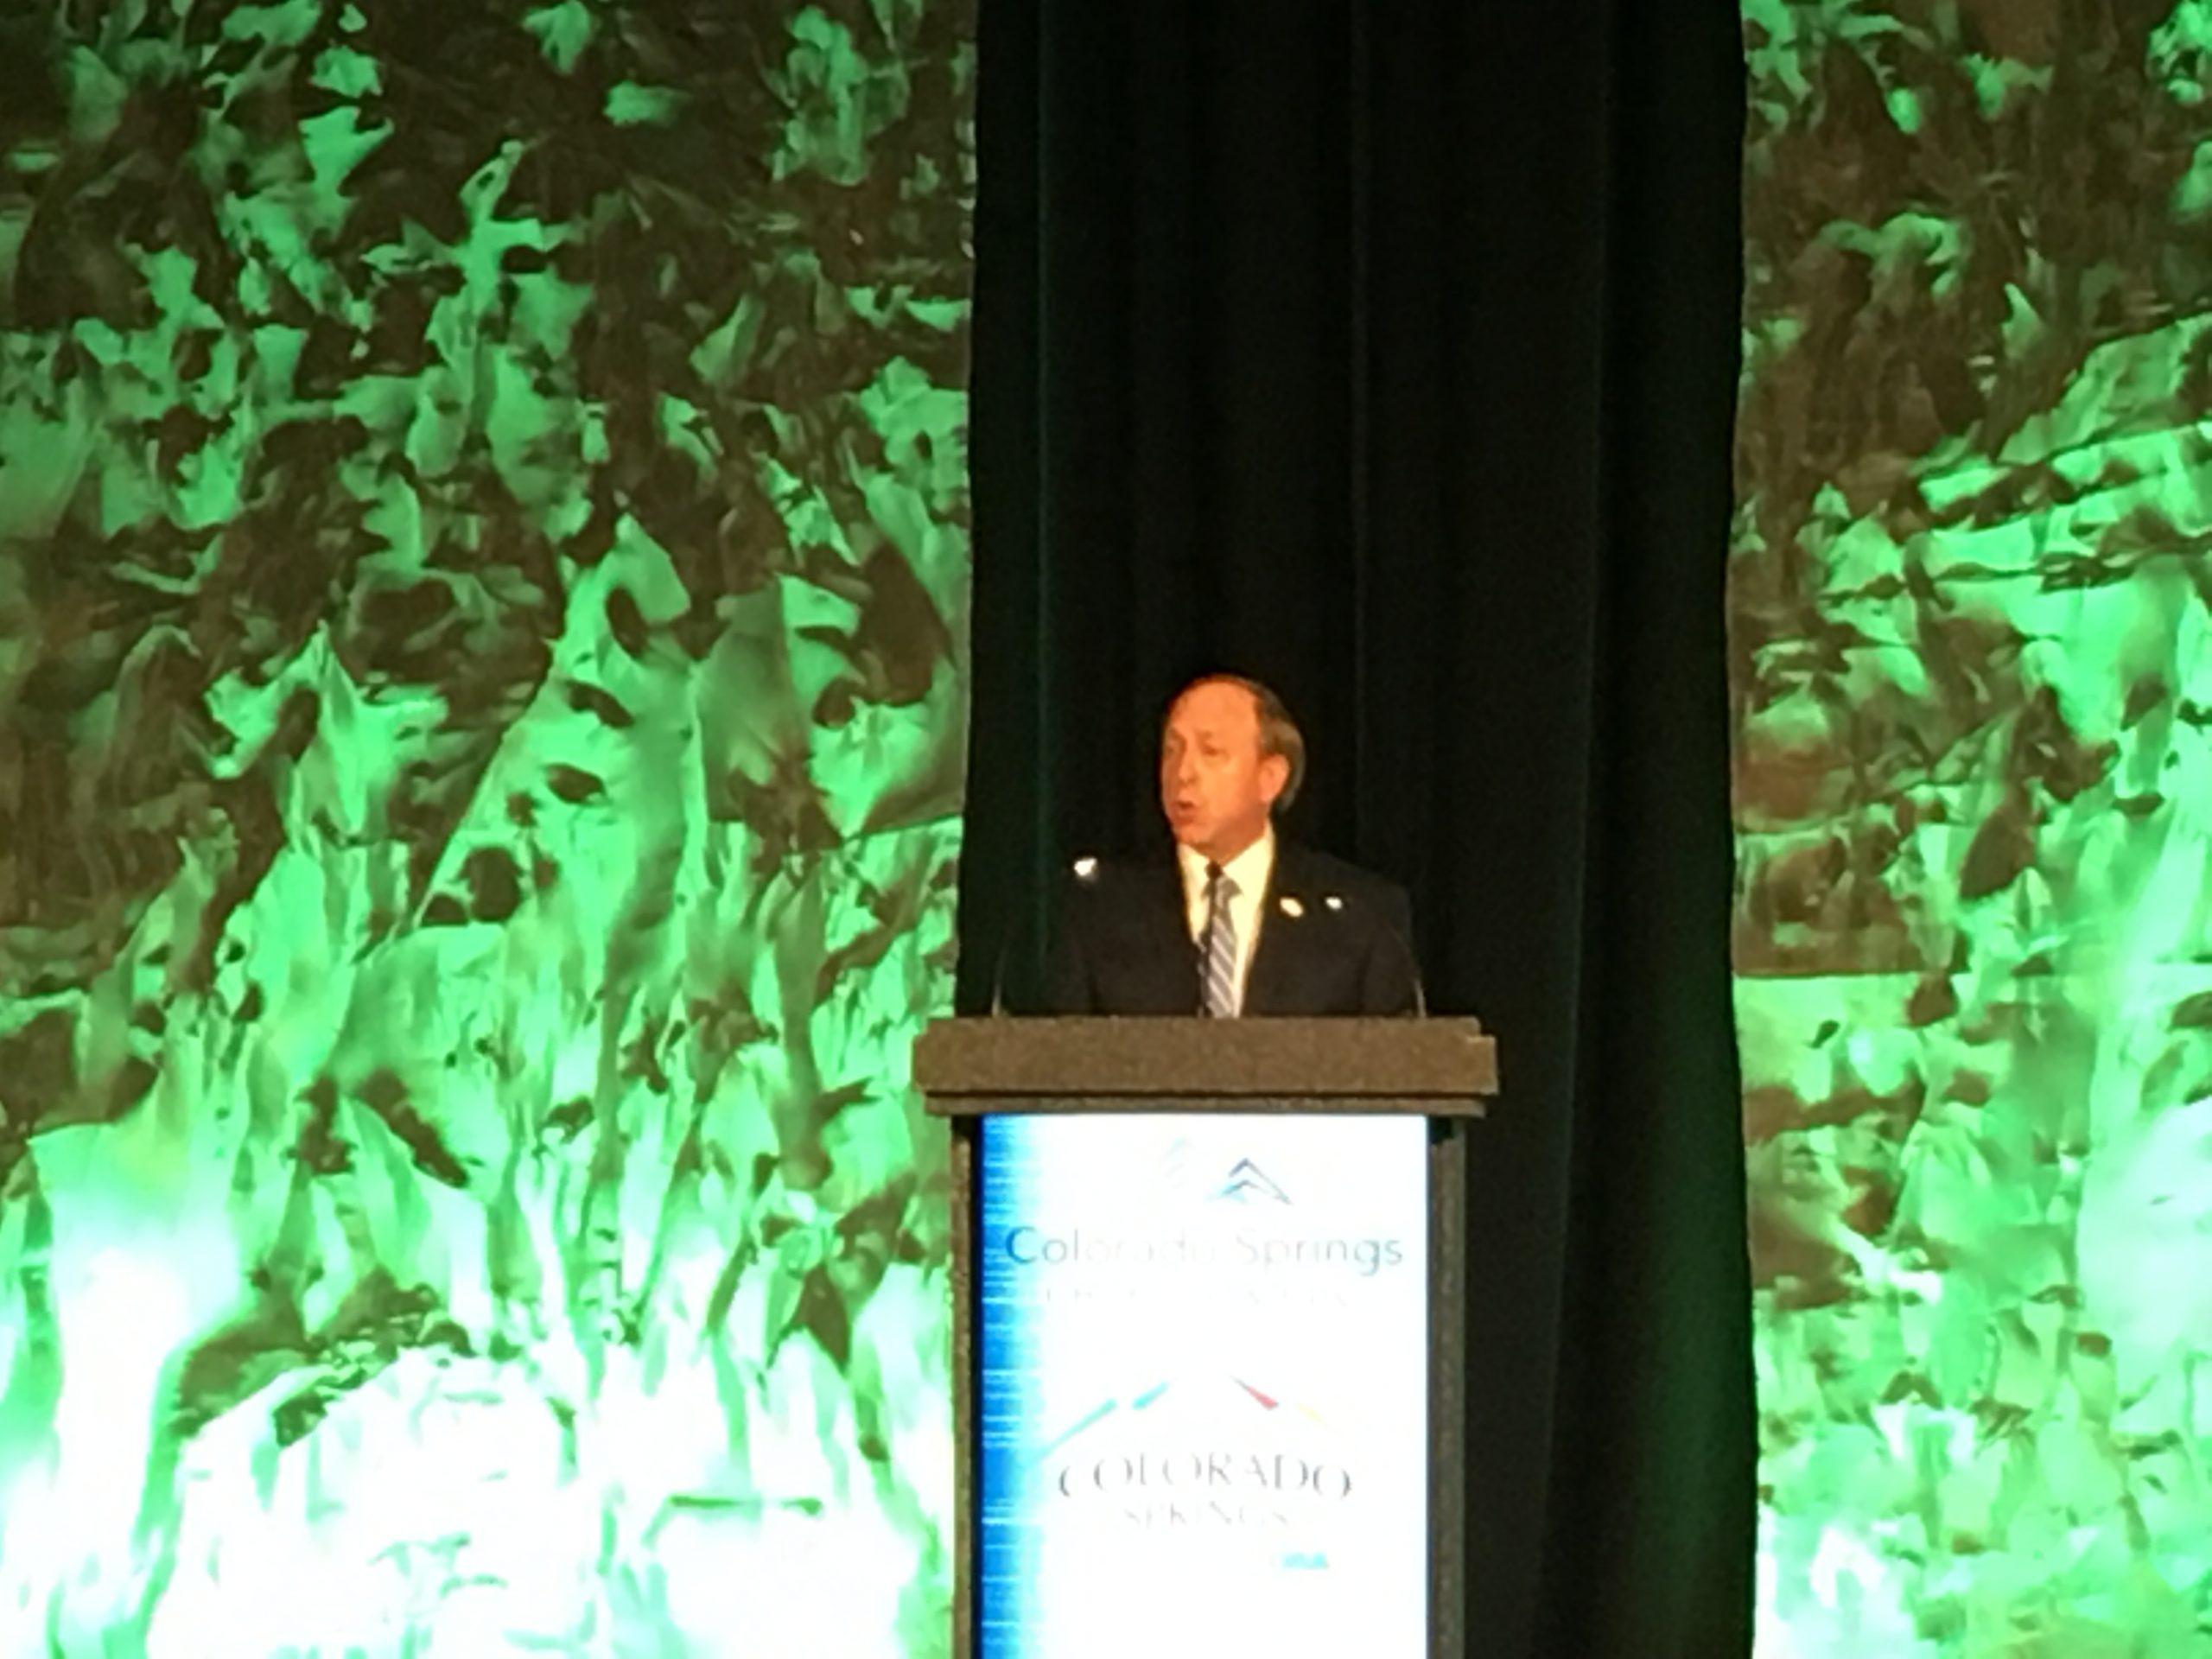 Colorado Springs Mayor John Suthers